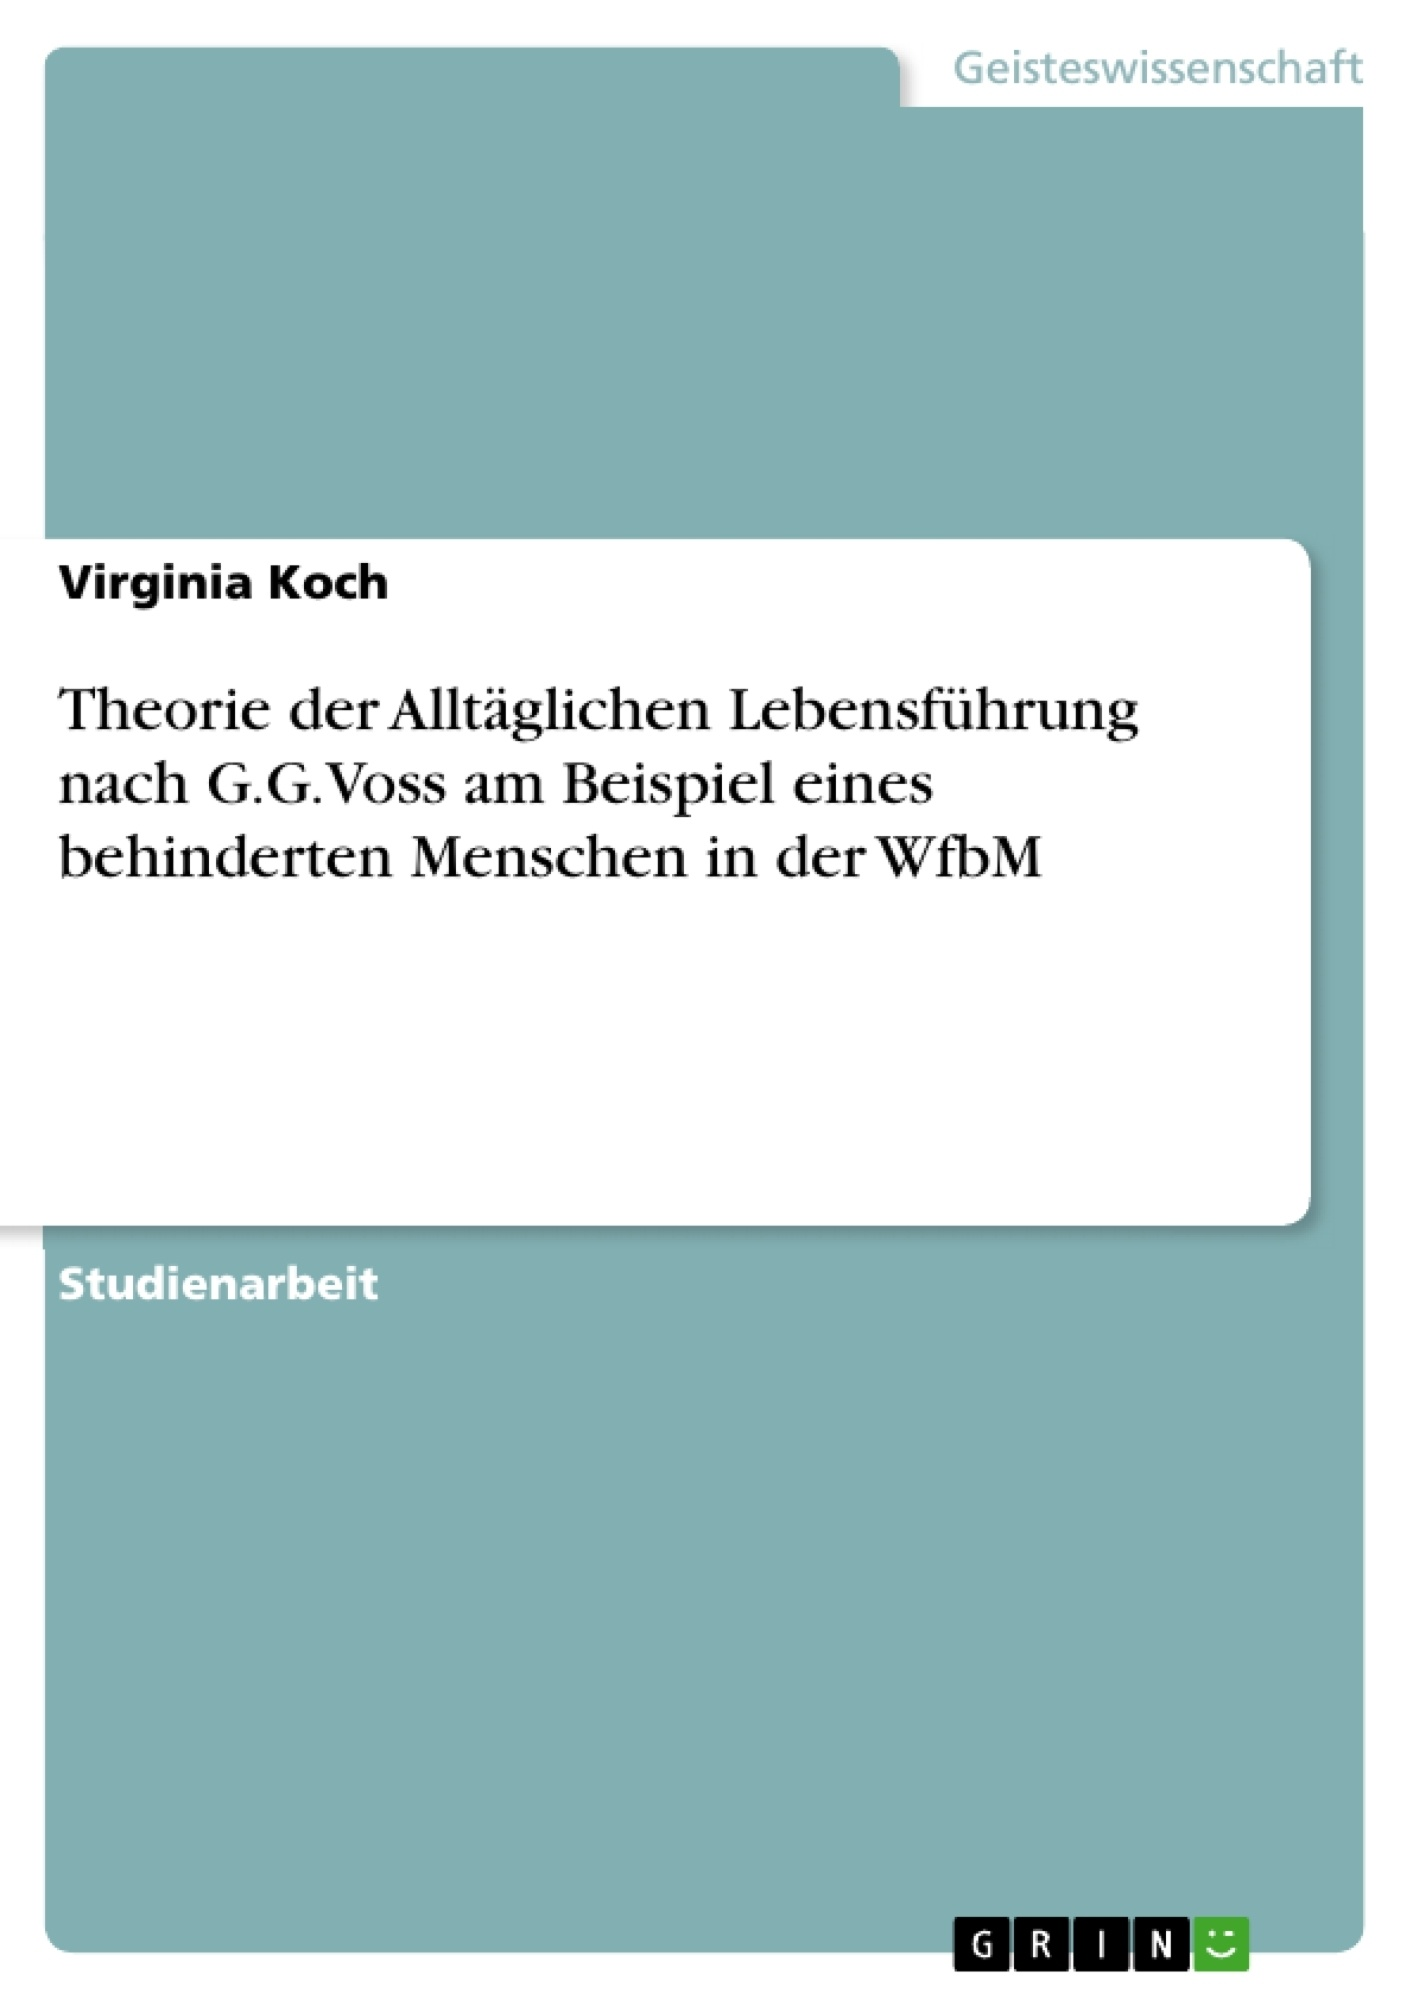 Titel: Theorie der Alltäglichen Lebensführung nach G.G.Voss am Beispiel eines behinderten Menschen in der WfbM